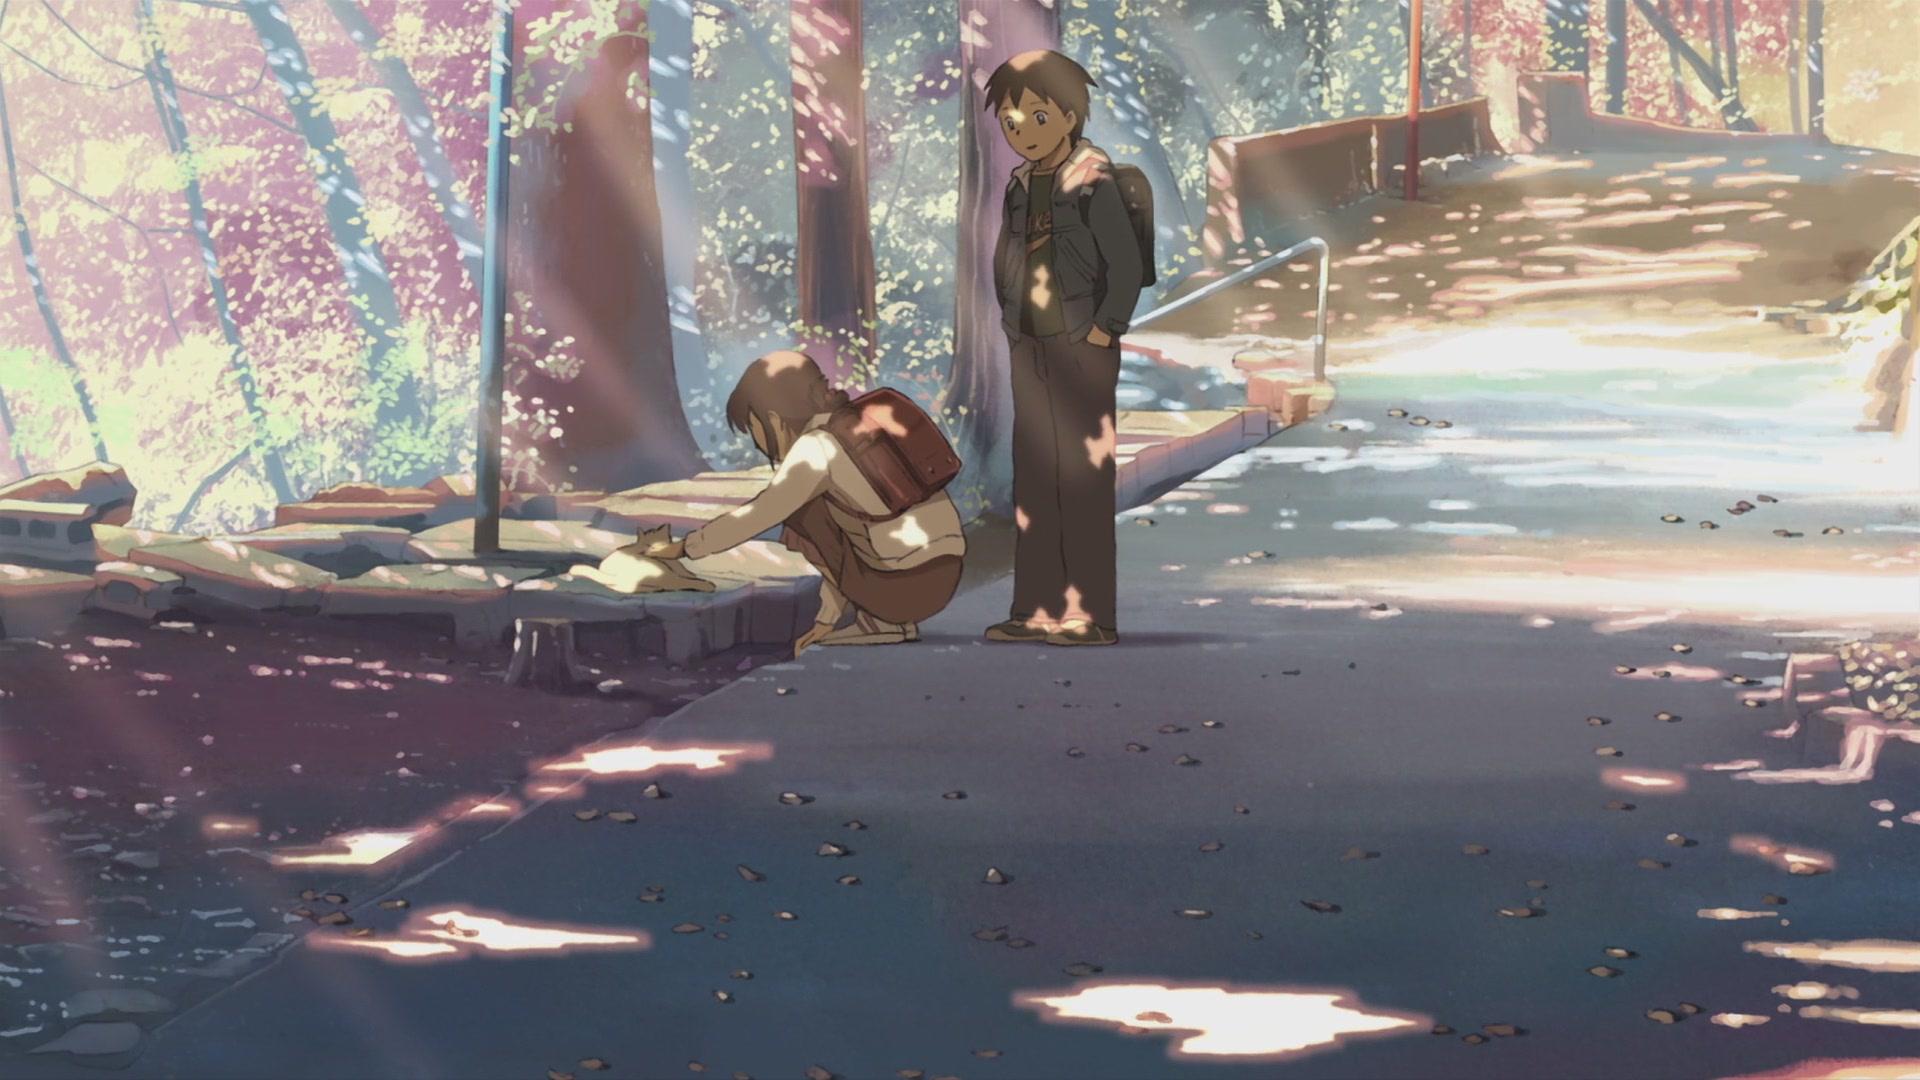 Risultati immagini per 5 cm per second shinkai anime